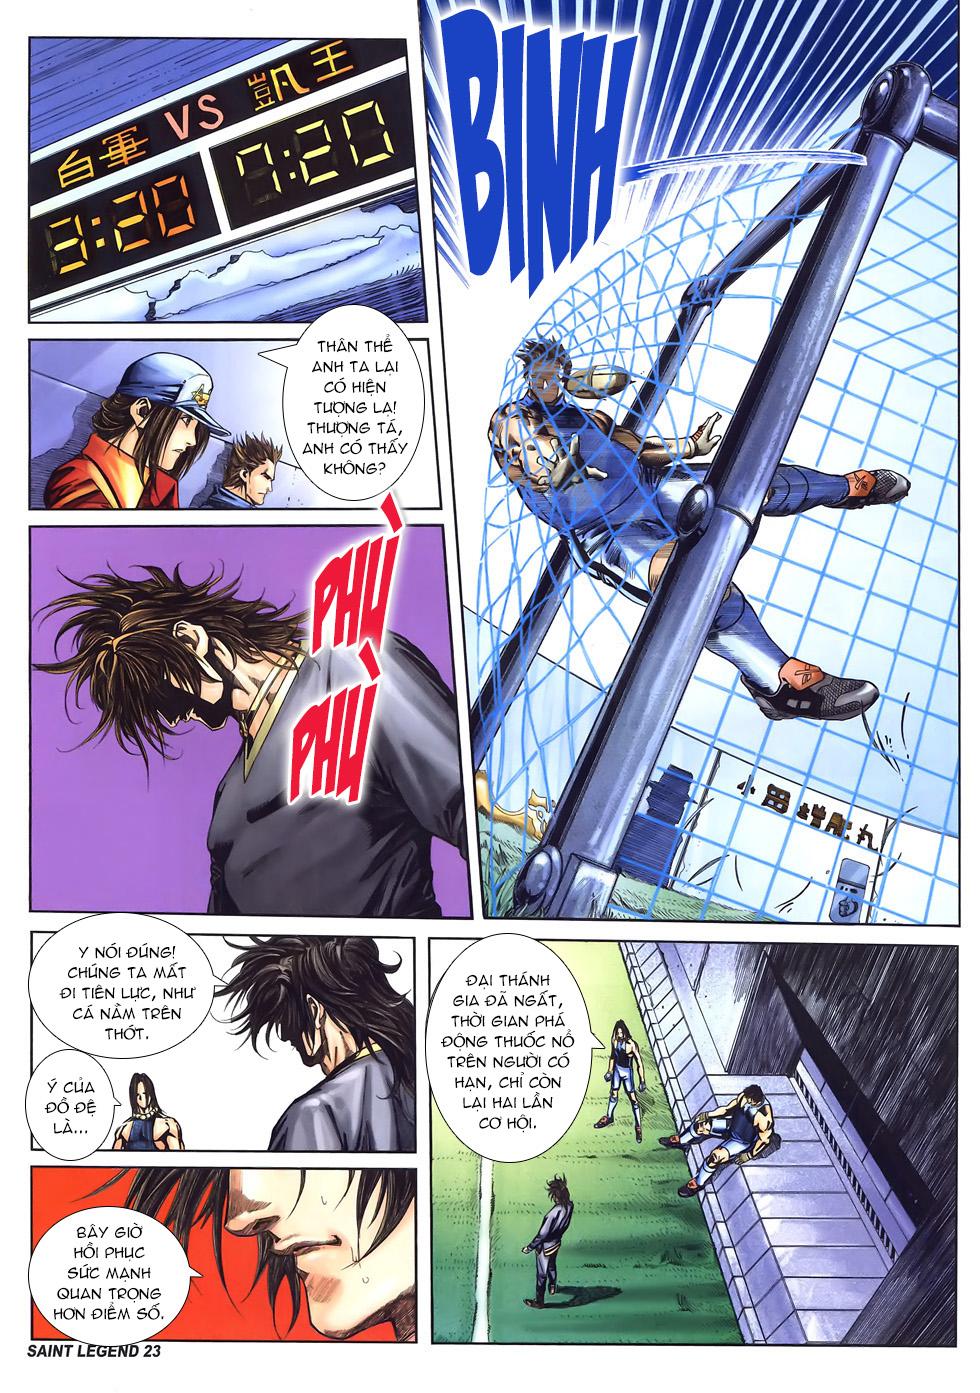 Bát Tiên Đạo chap 58 - Trang 22